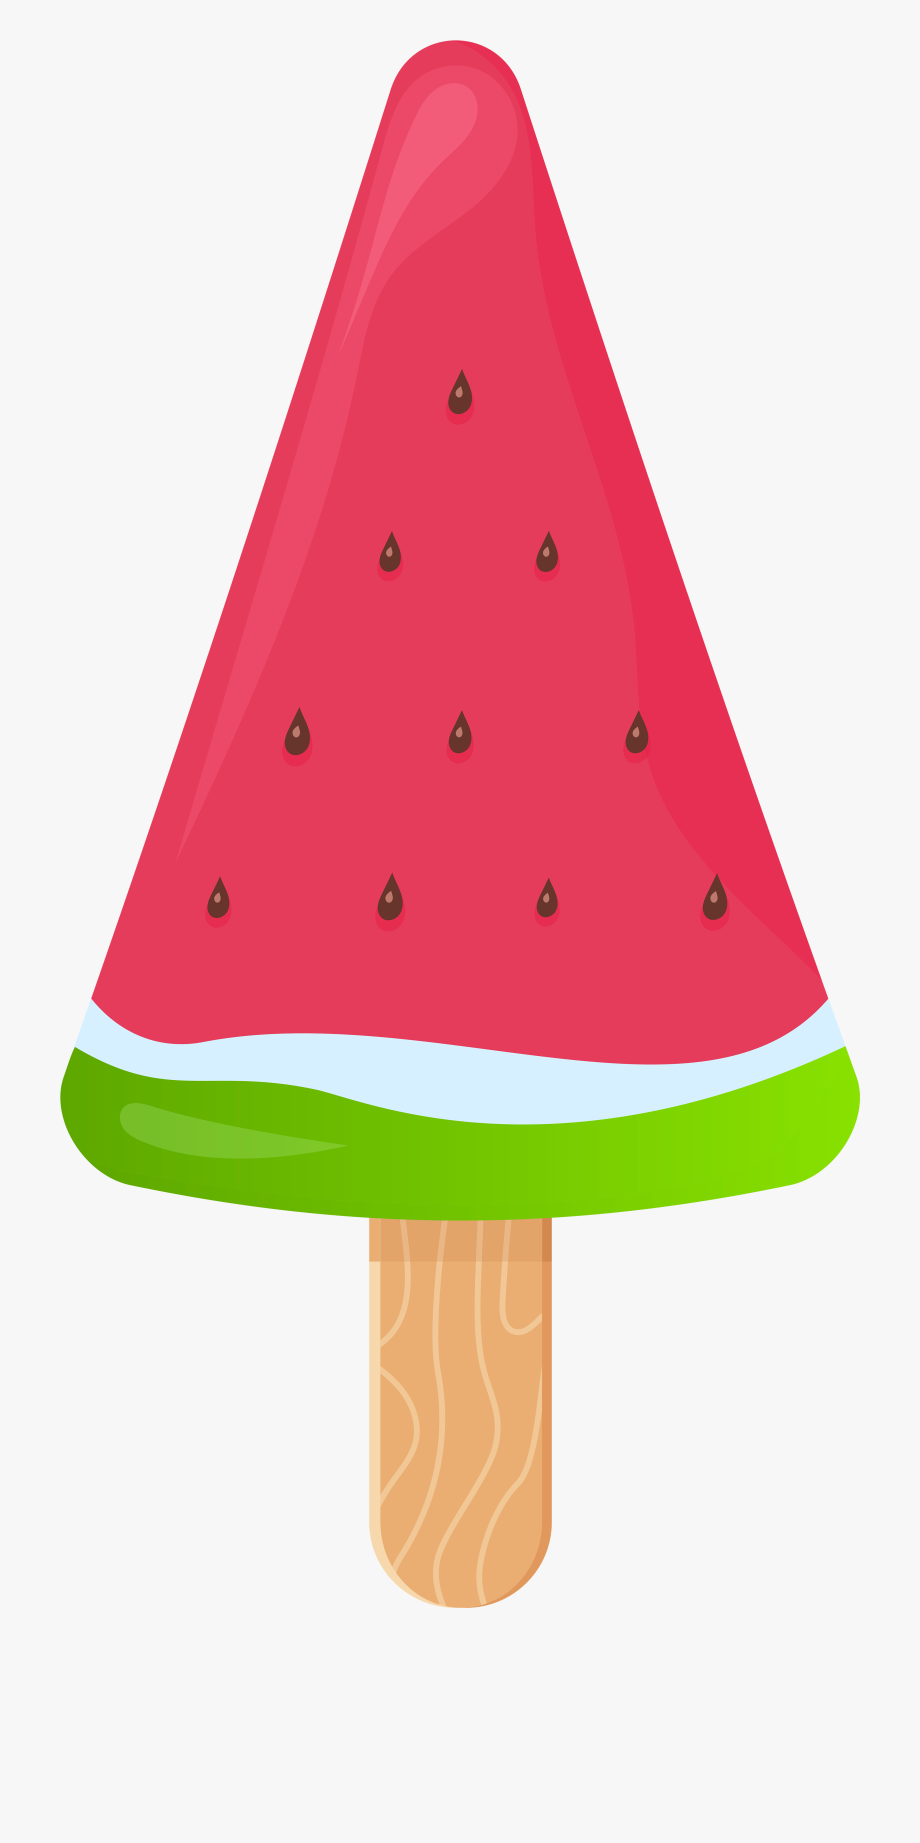 Stick png clip art. Watermelon clipart ice cream